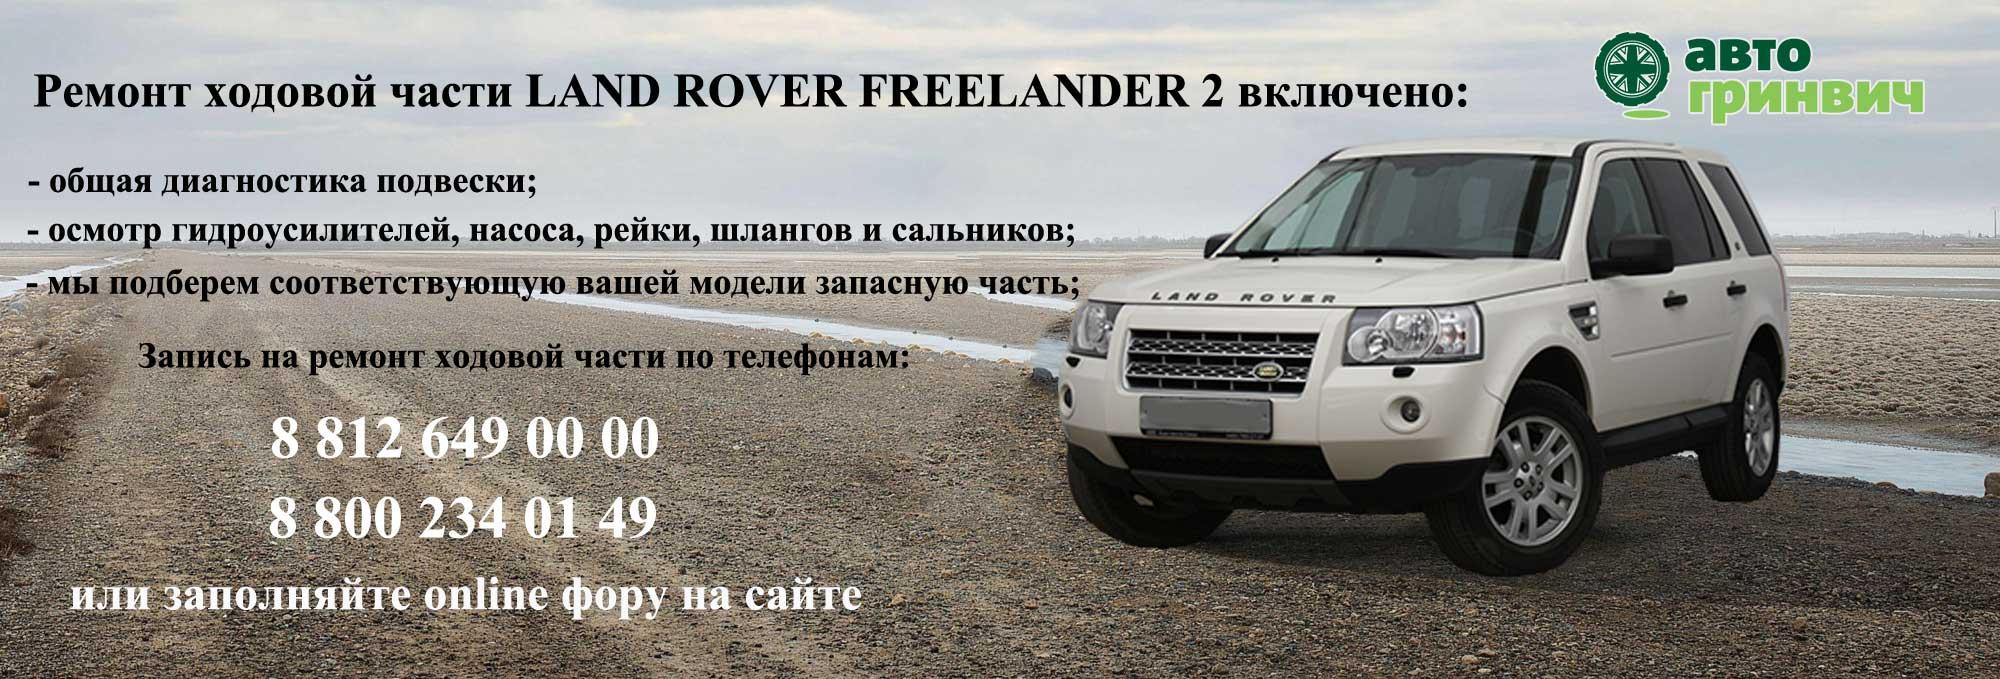 Ремонт ходовой части FREELANDER 2